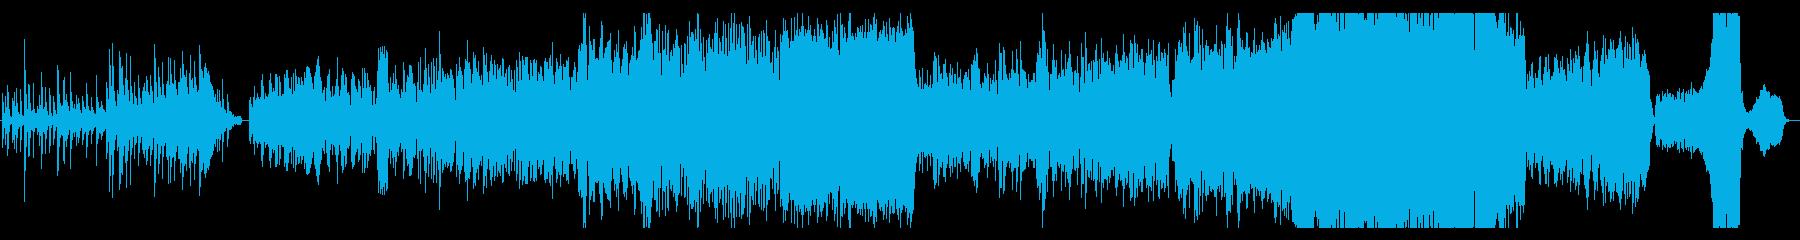 ジブリ音楽を連想させるワルツです。の再生済みの波形